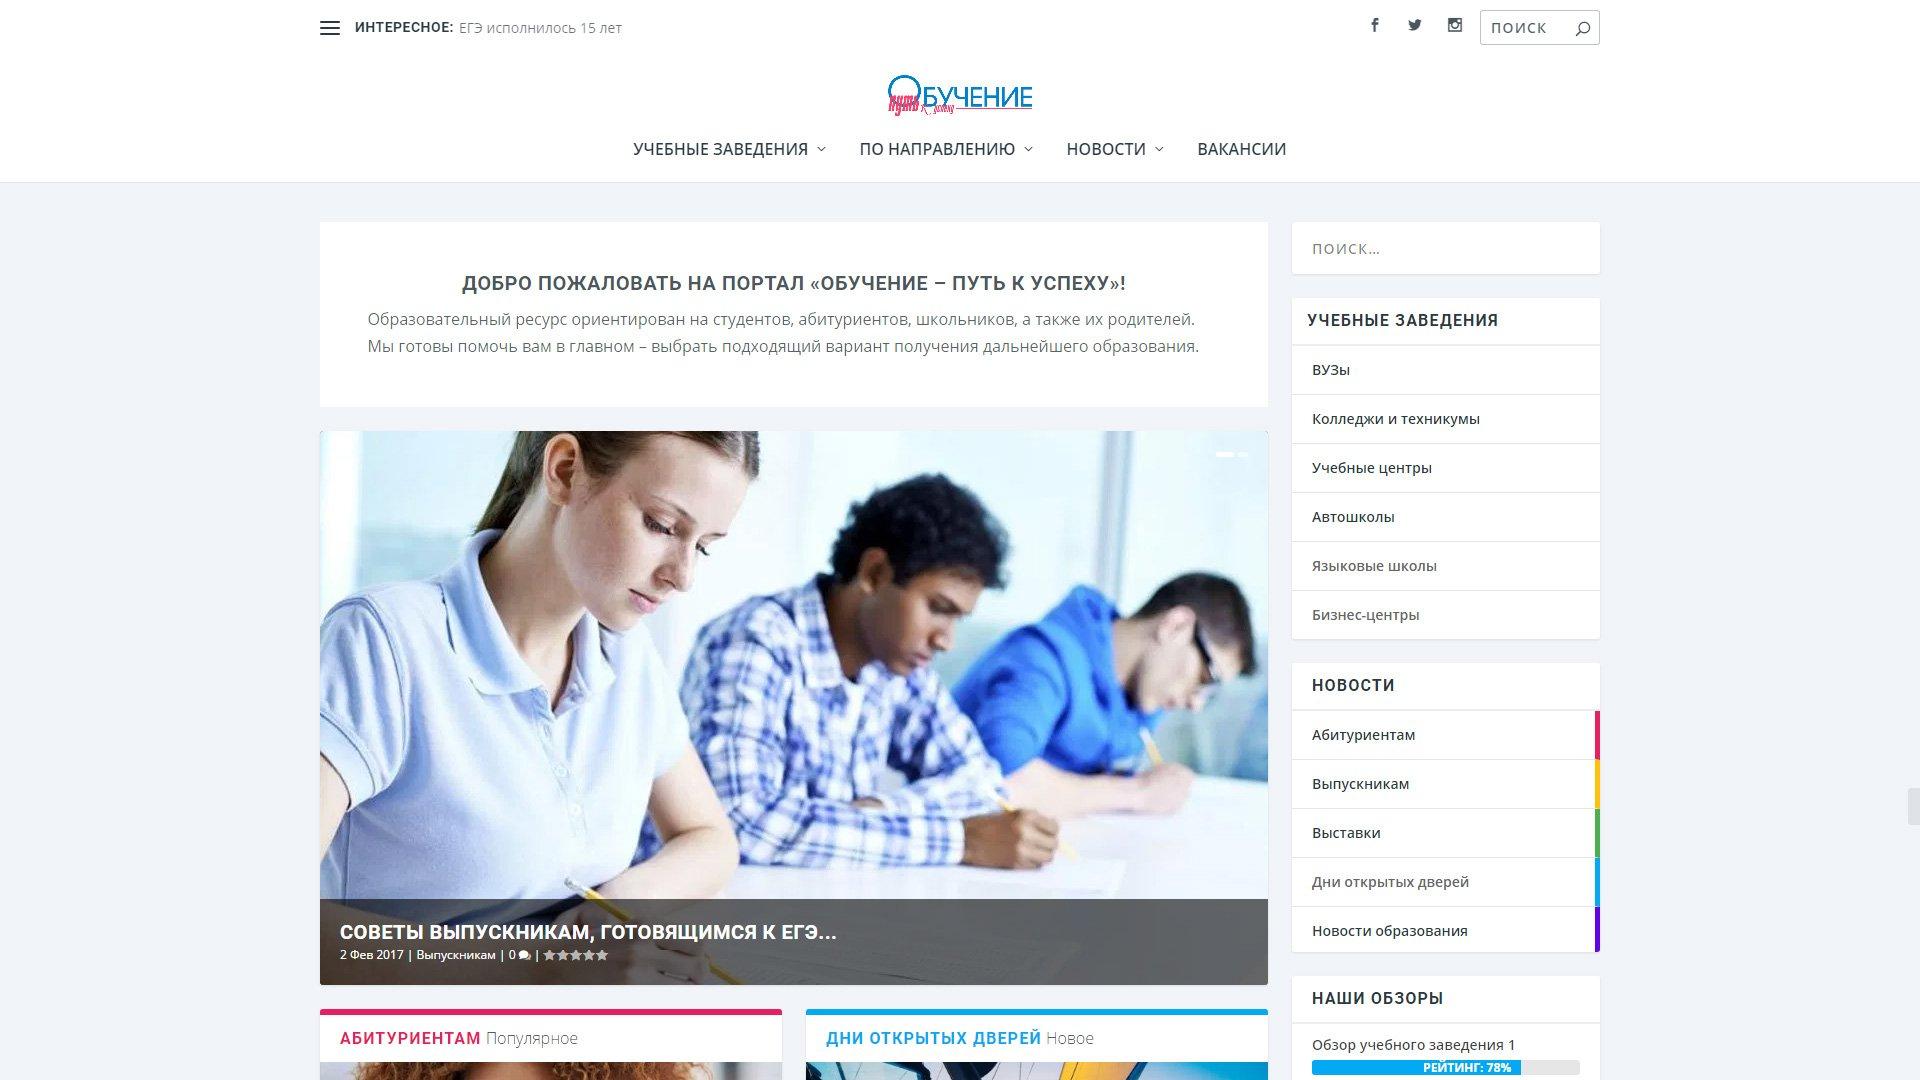 Создание сайта Obuchenie56.ru - образовательный портал в Оренбурге (2)